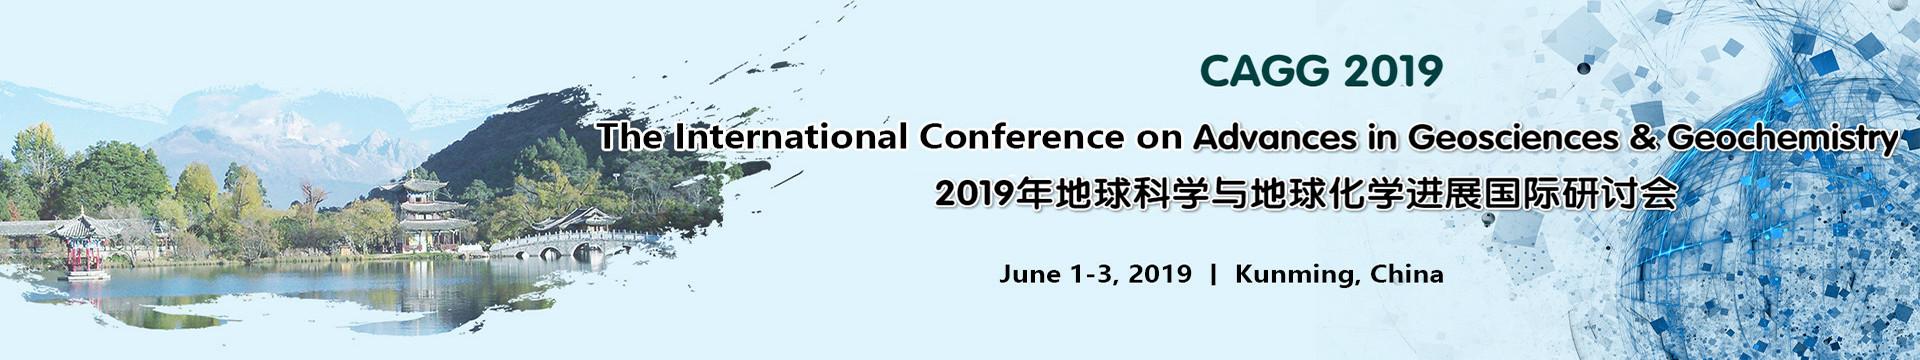 2019年地球科学与地球化学进展国际研讨会